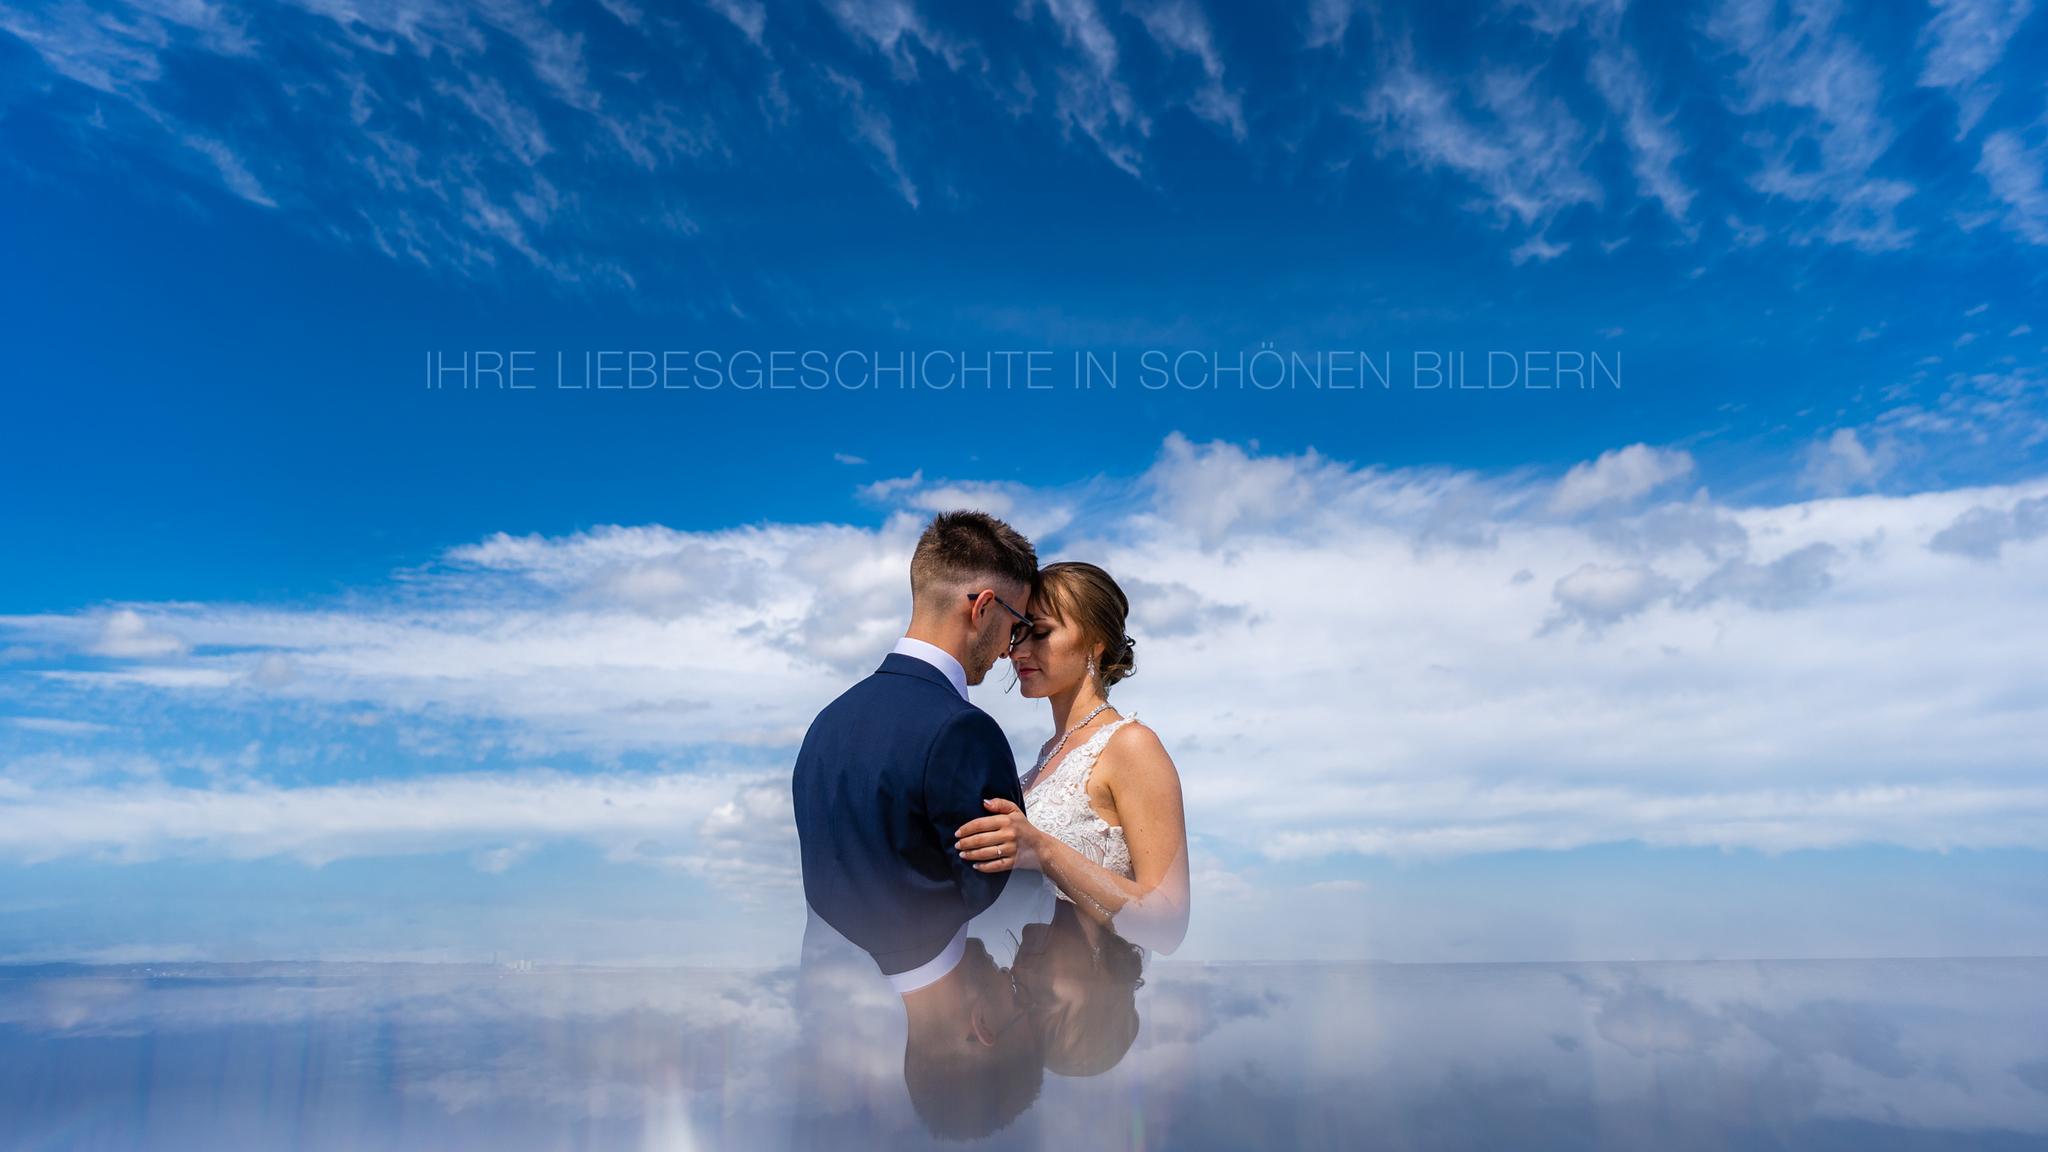 Vitaly Nosov Hochzeitsfotograf Hamburg Fotografenwebseite Von